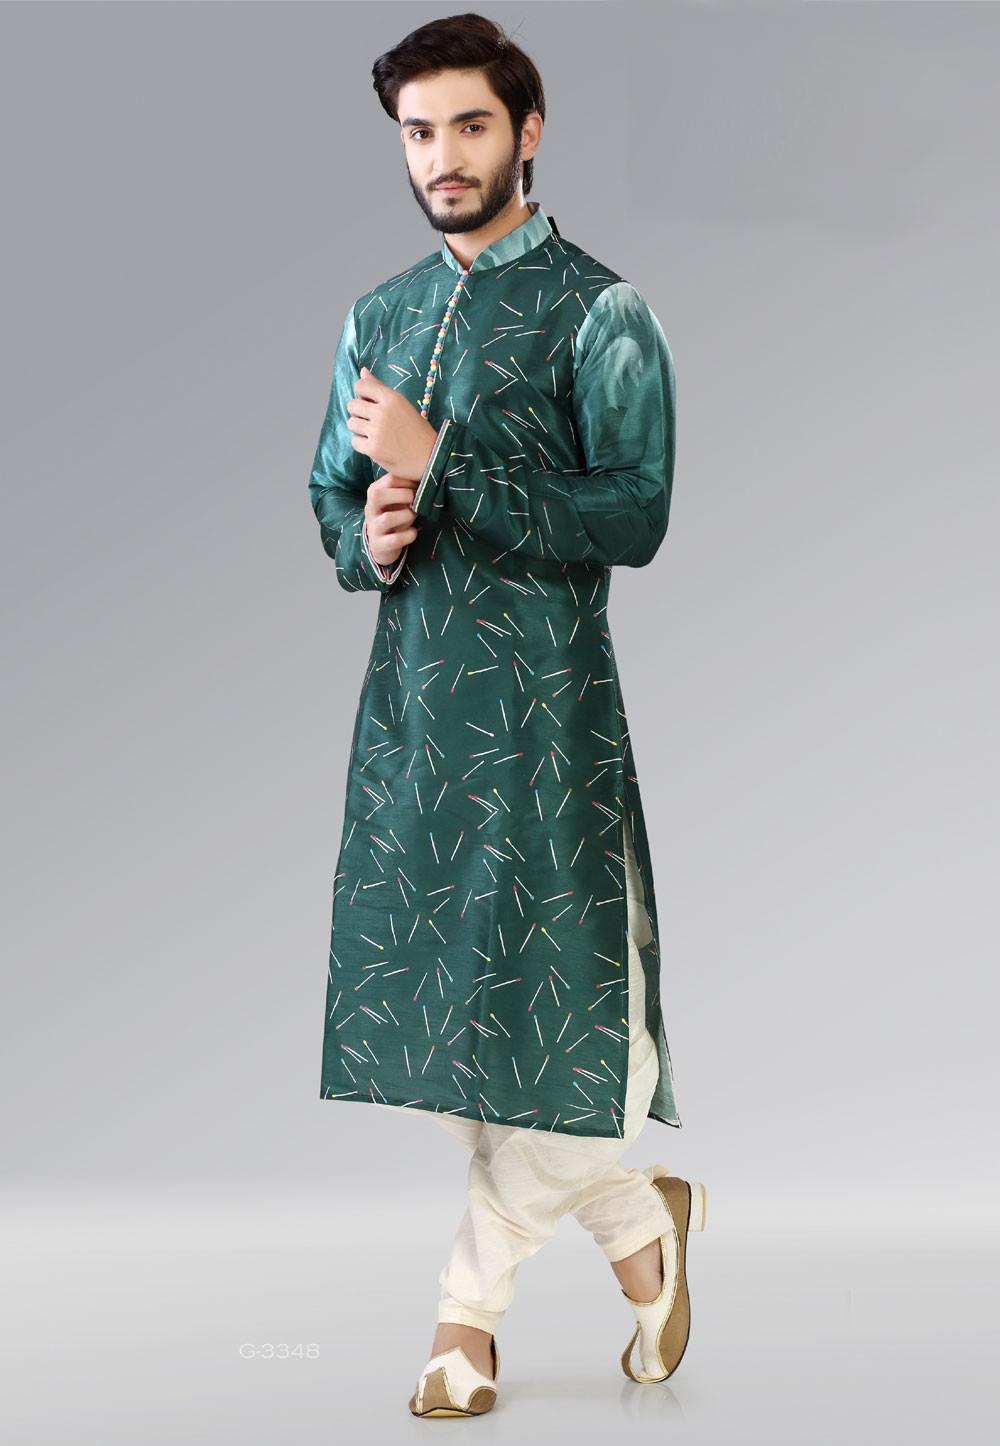 Exquisite Dark Green Color Dupion Silk Readymade Kurta Pajama.